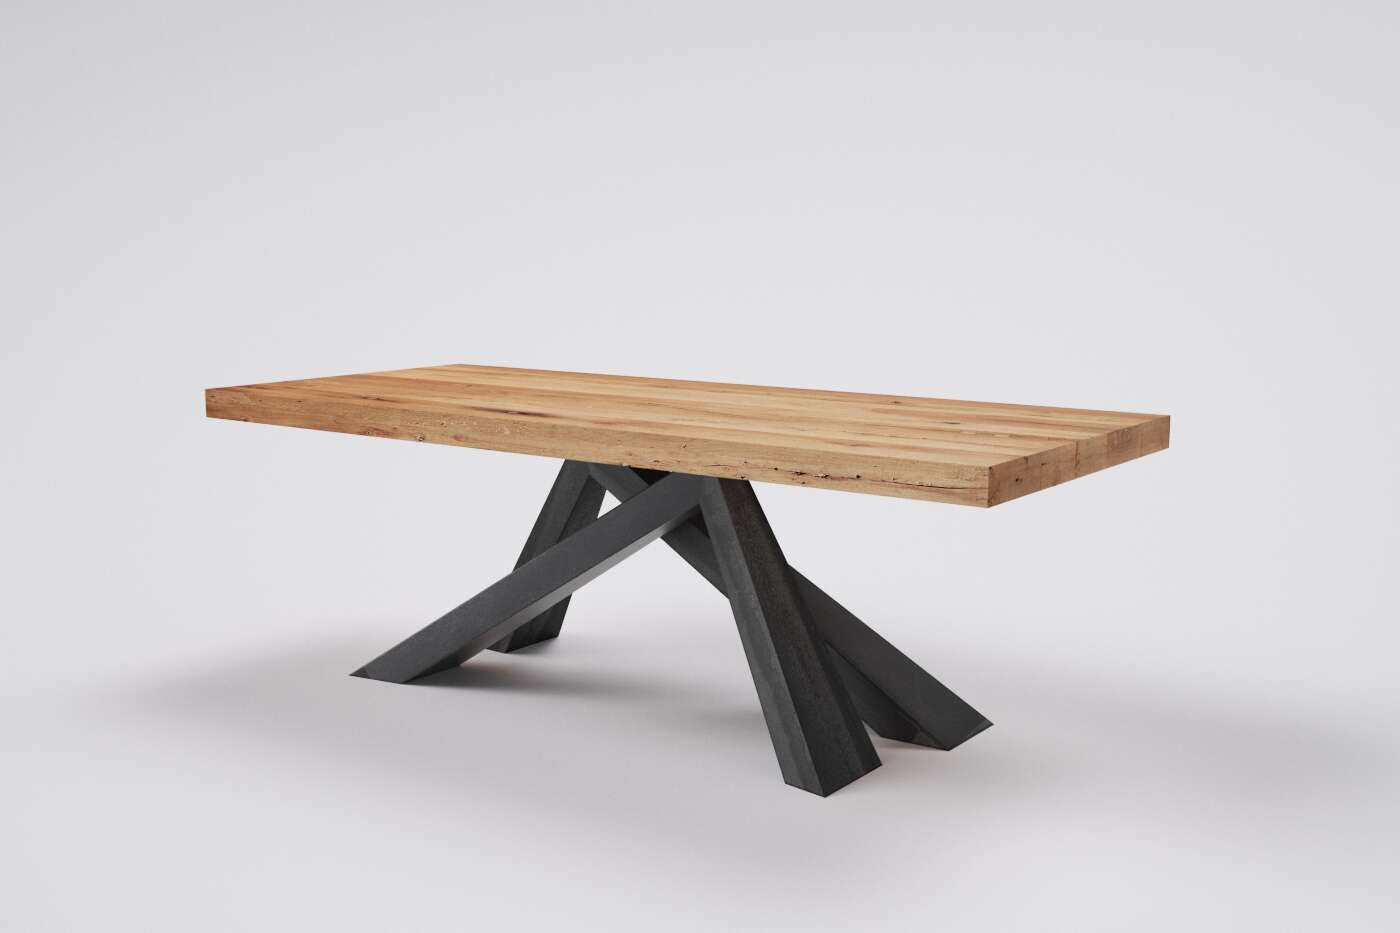 Holztisch altes Holz Eiche Niels mit Metallgestell